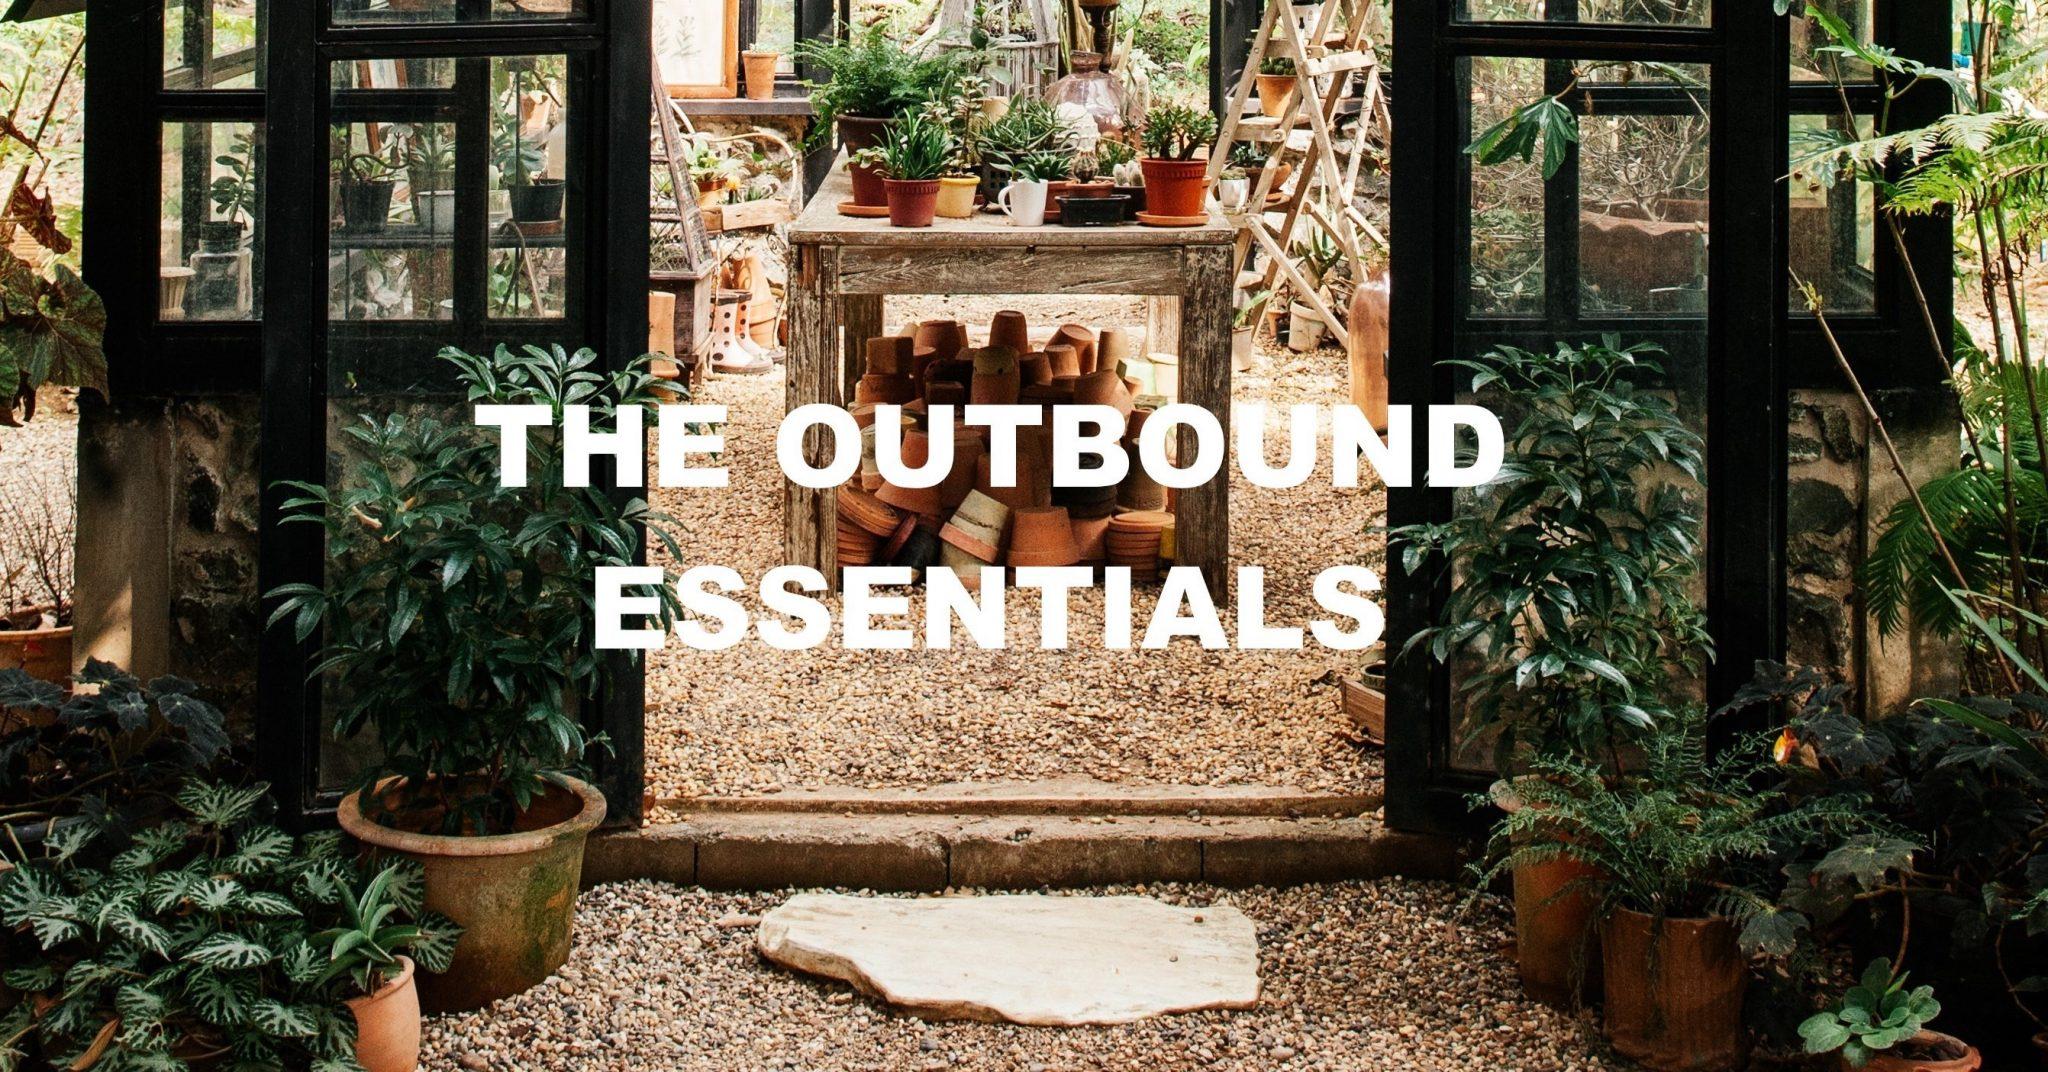 Outbound essentials van mookstories zijn duurzame lifestyle producten